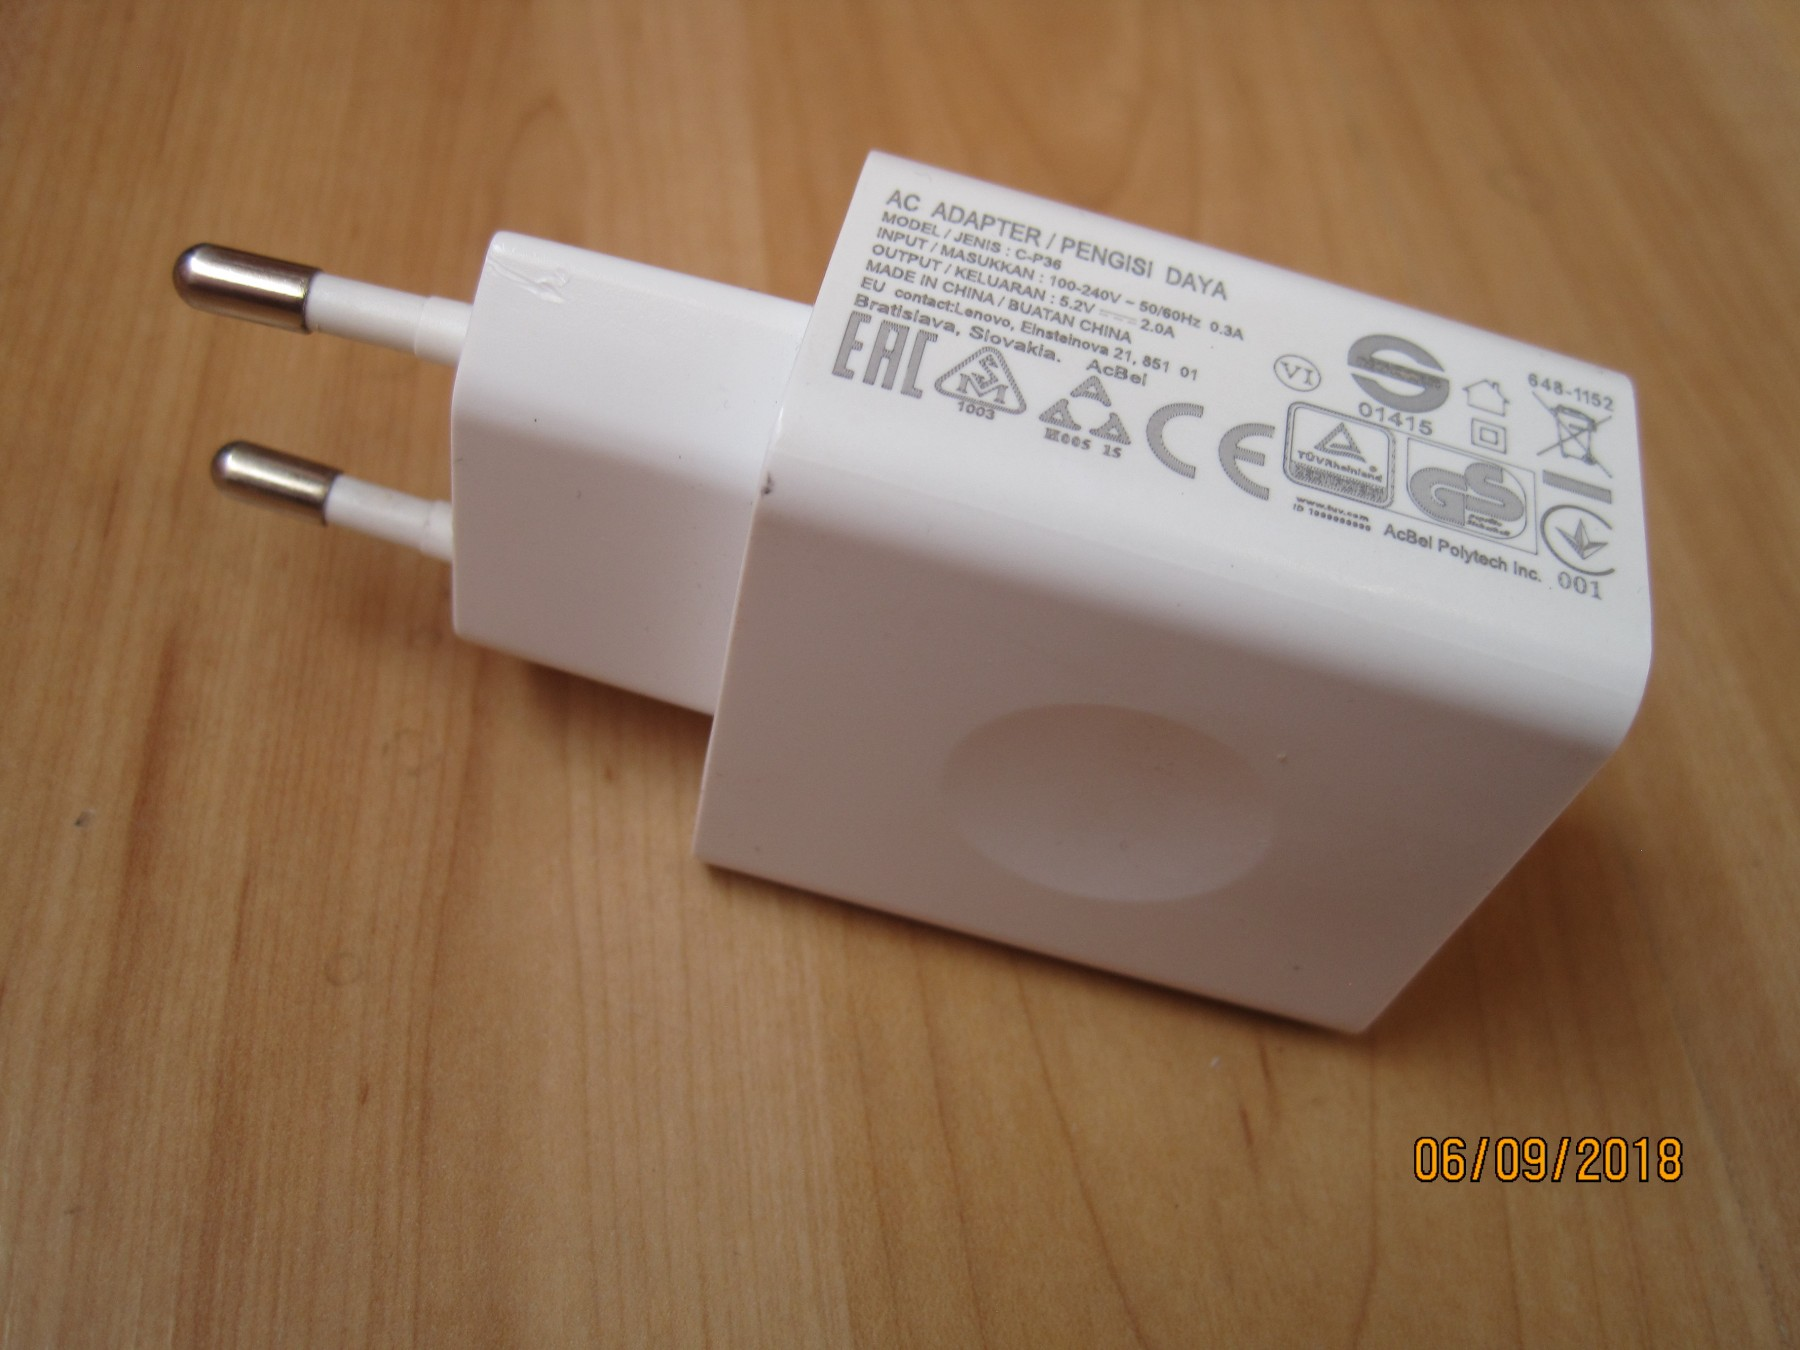 Usb Adapter Punjac Lenovo 52v 2 A Br2 69051281 Charger C P36 2a Original